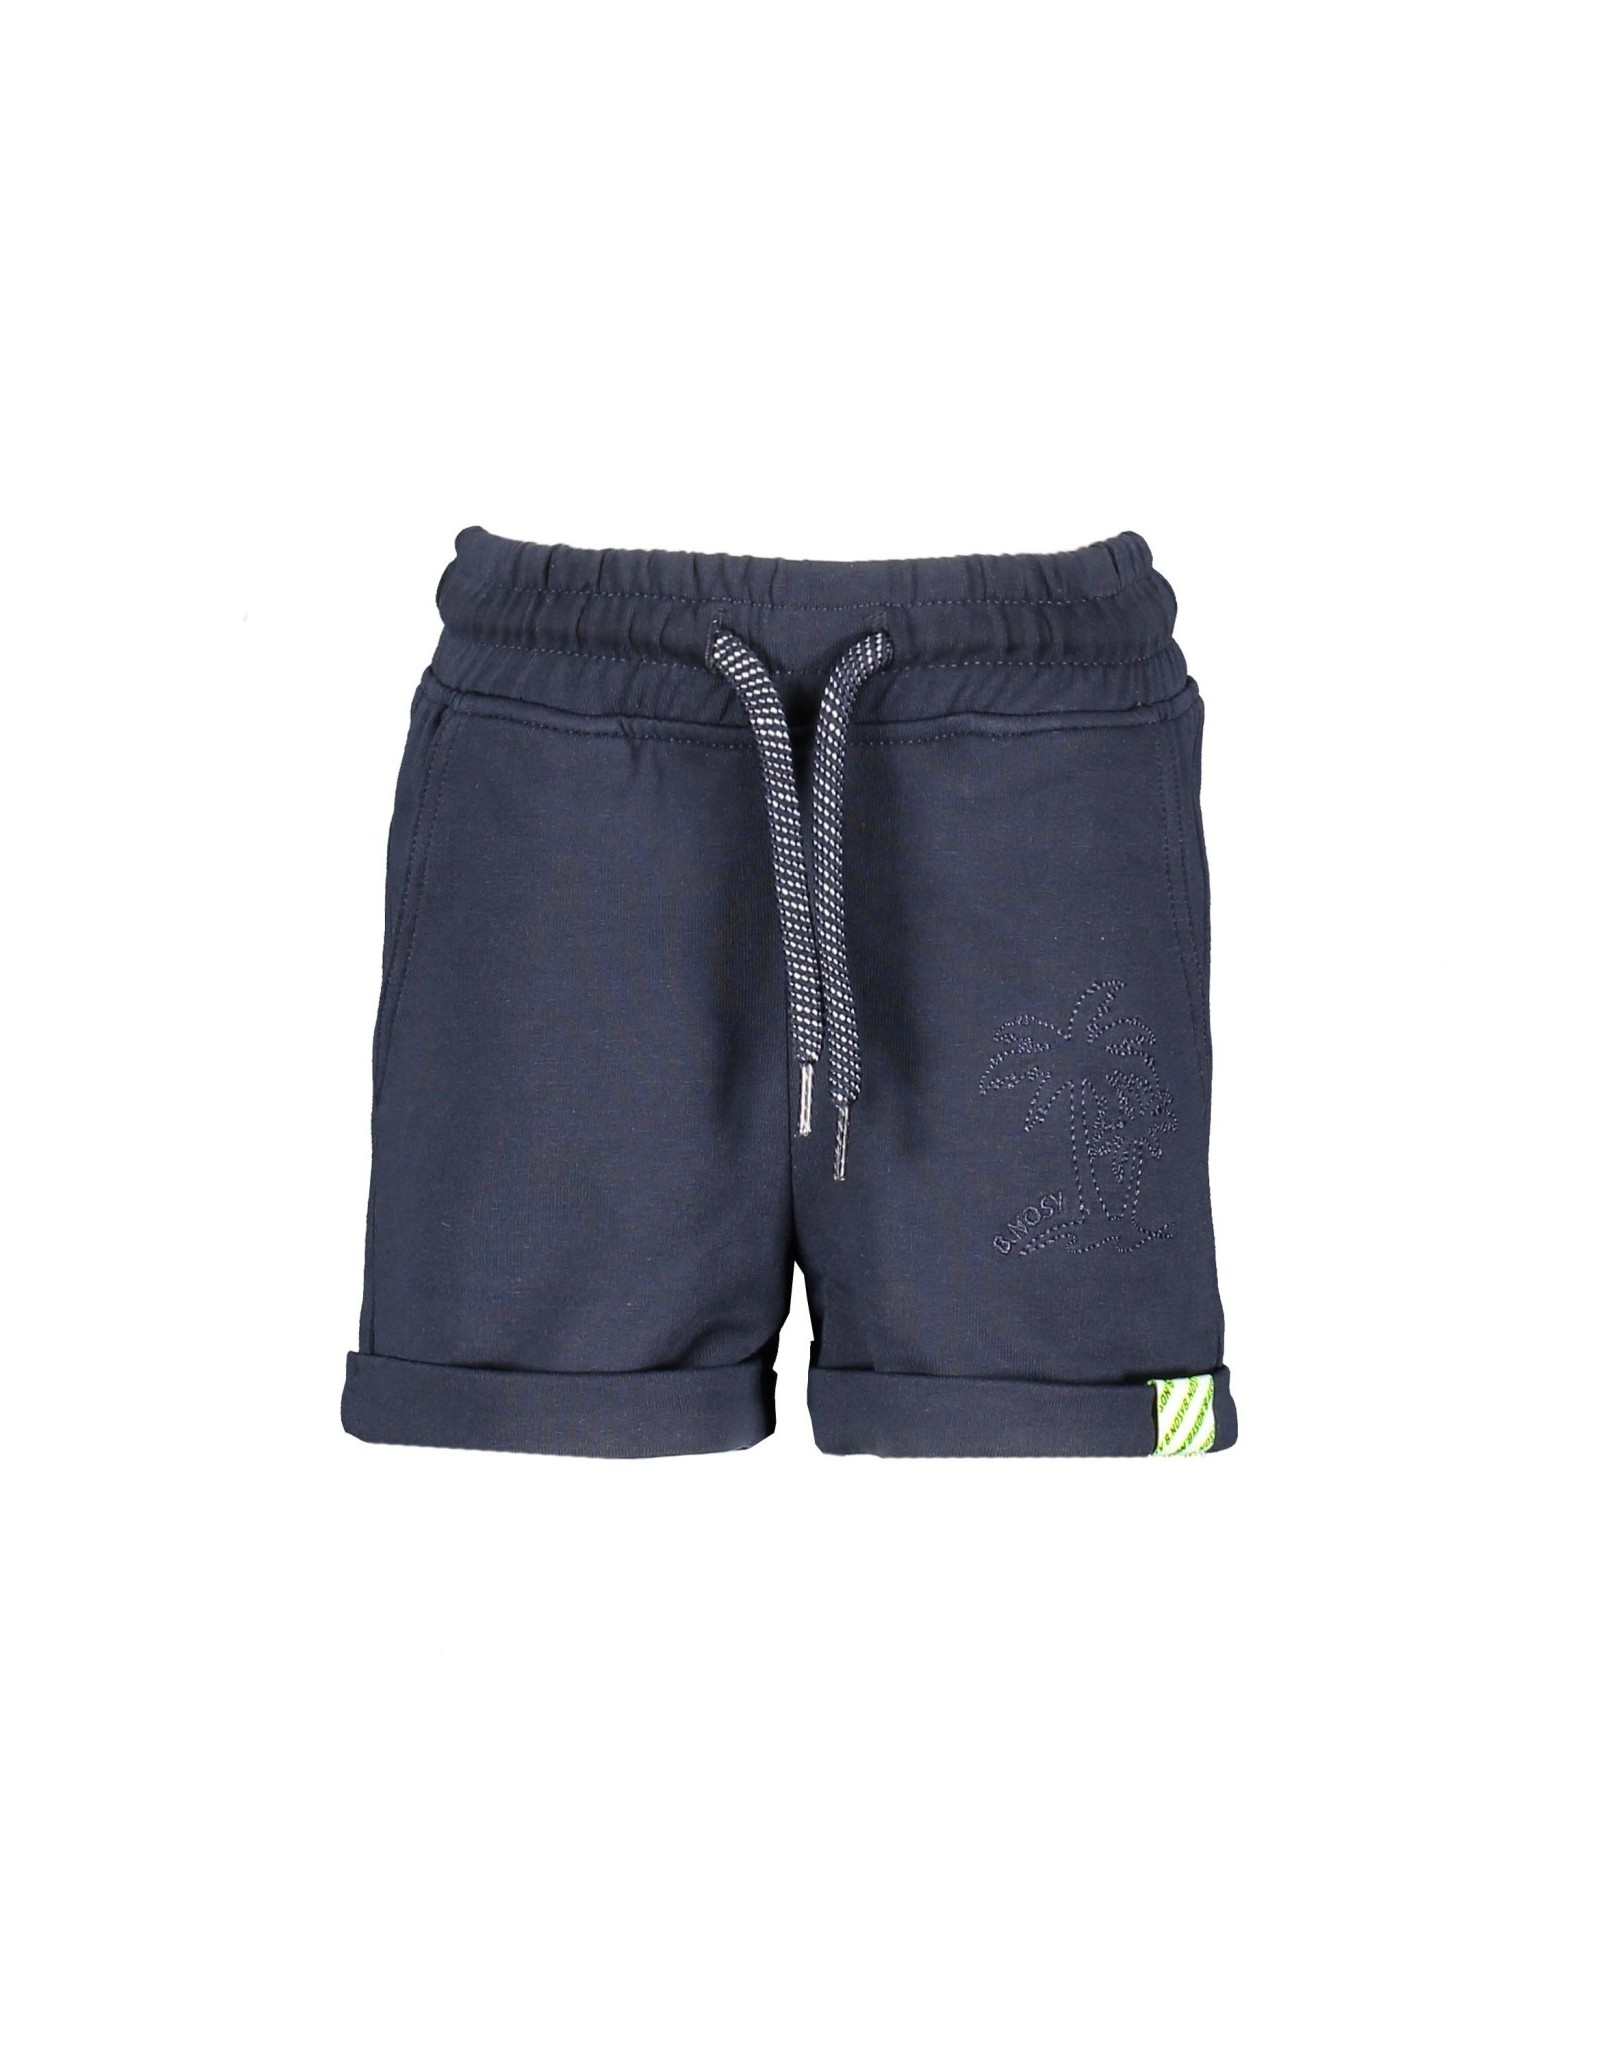 B.Nosy B.Nosy baby jongens korte joggingbroek Oxford Blue S21